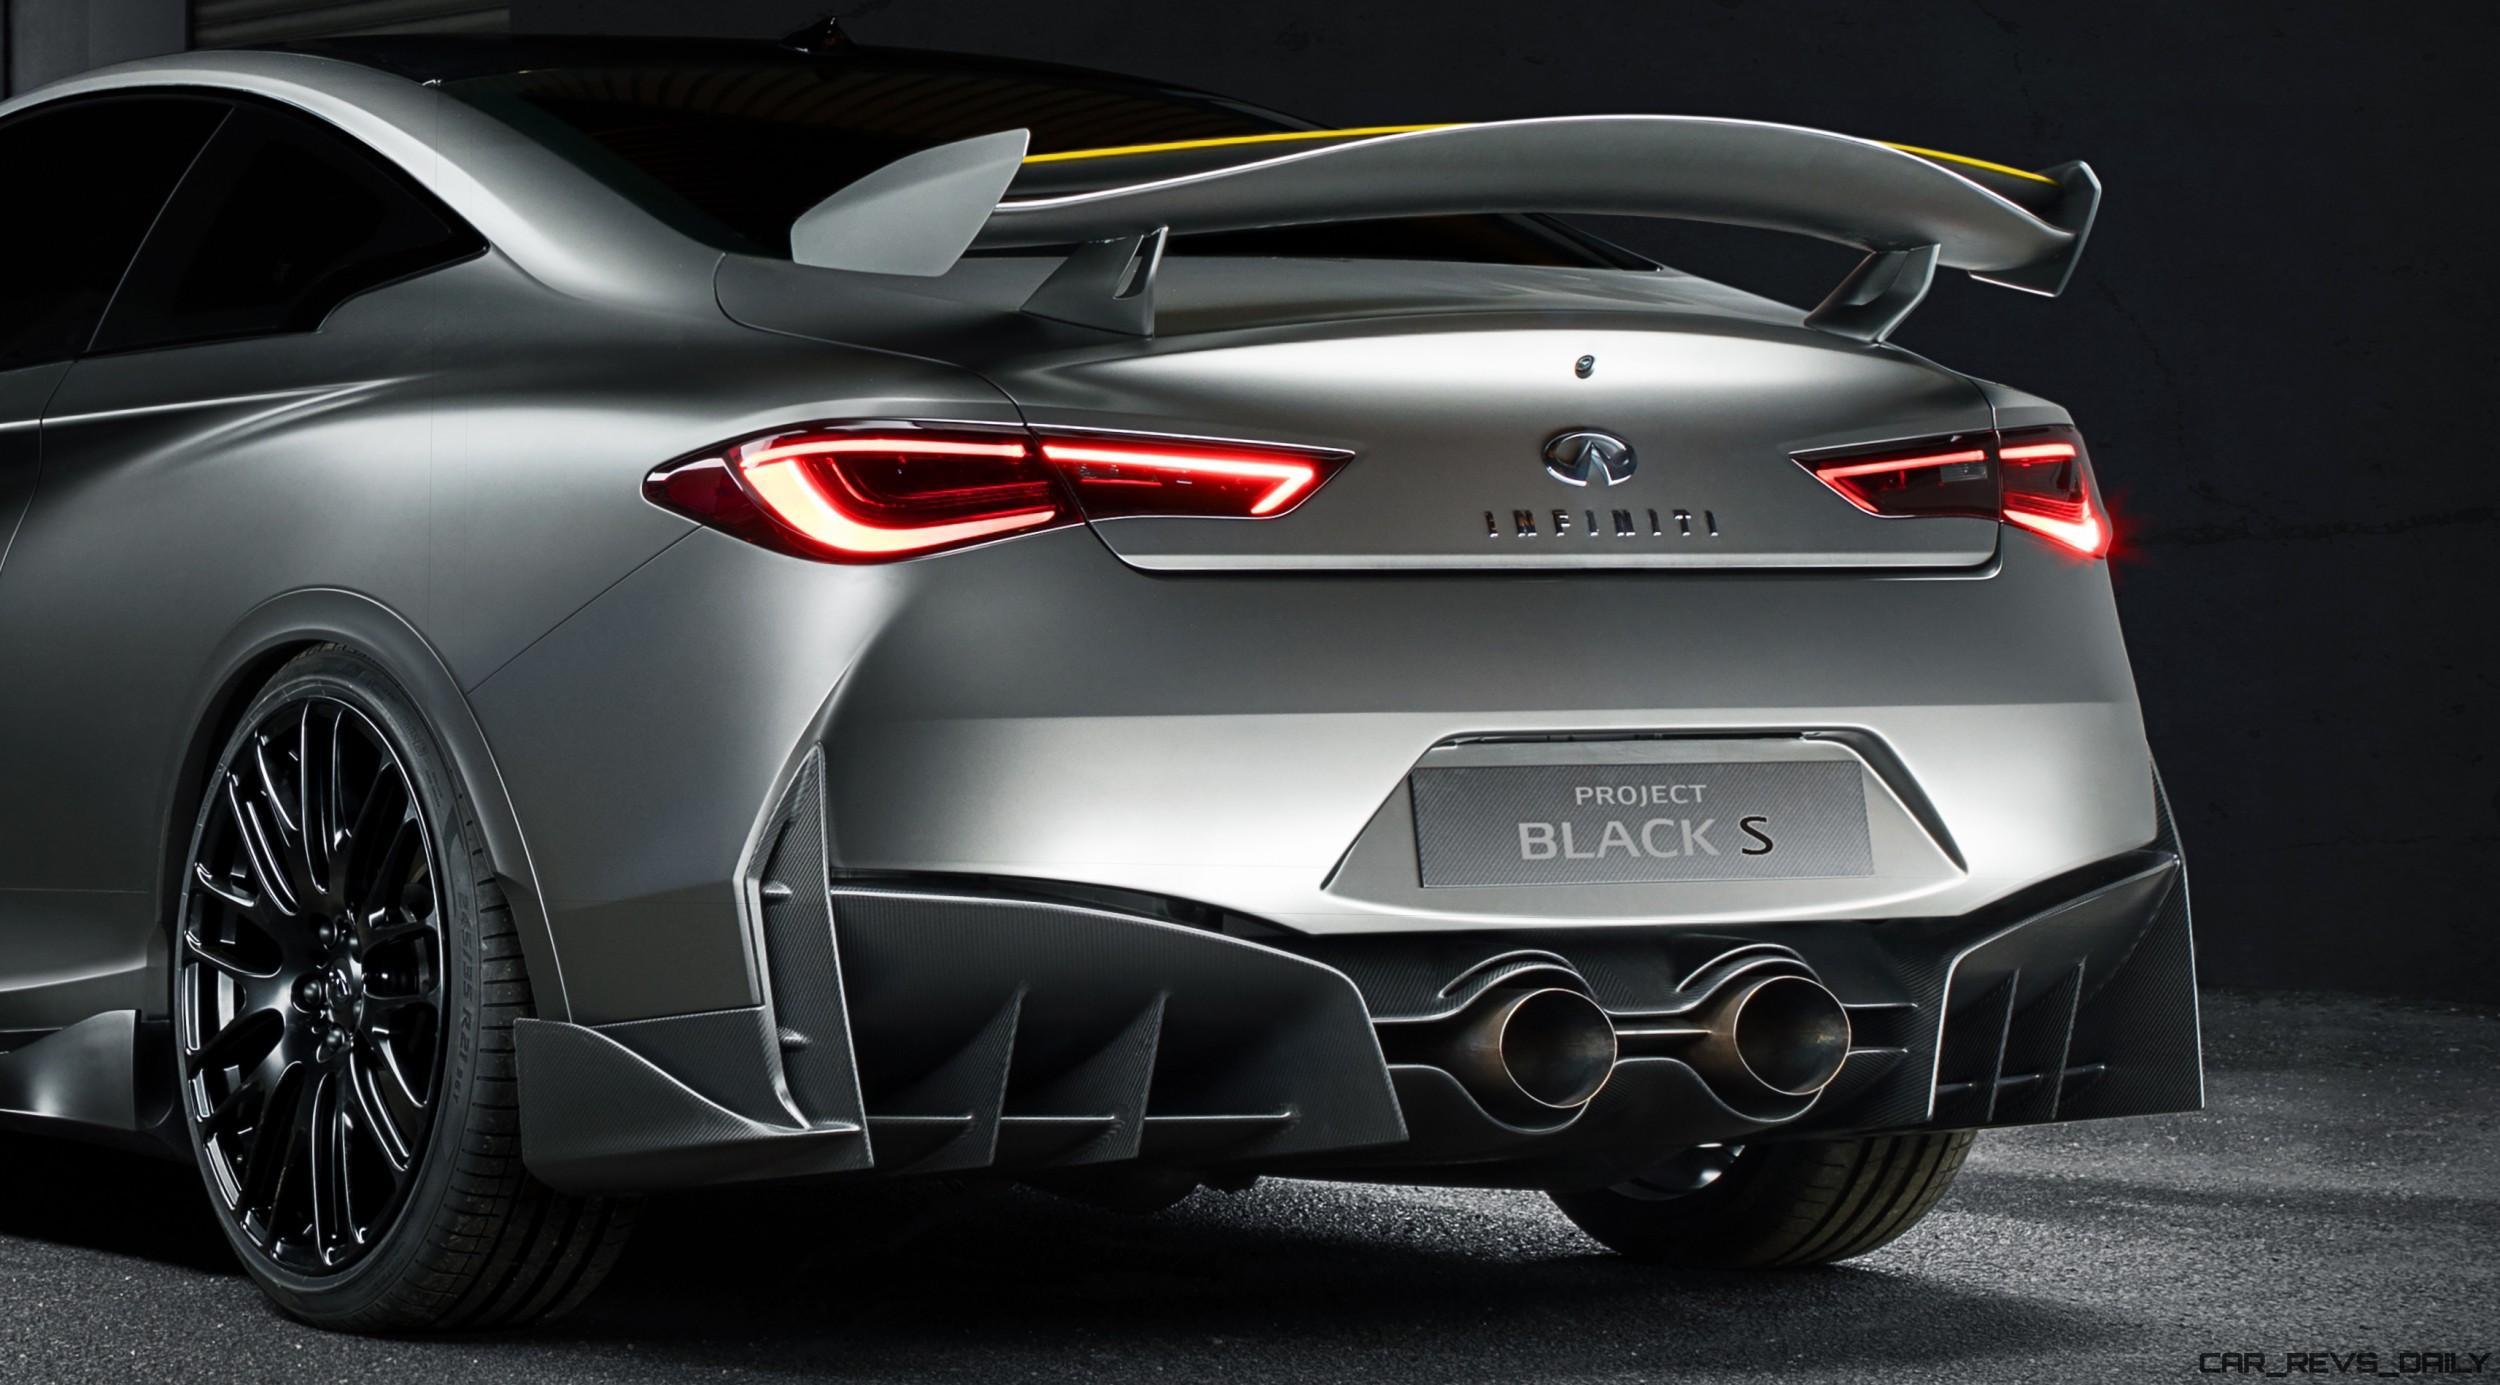 2017 Infiniti Q60 Black S Concept